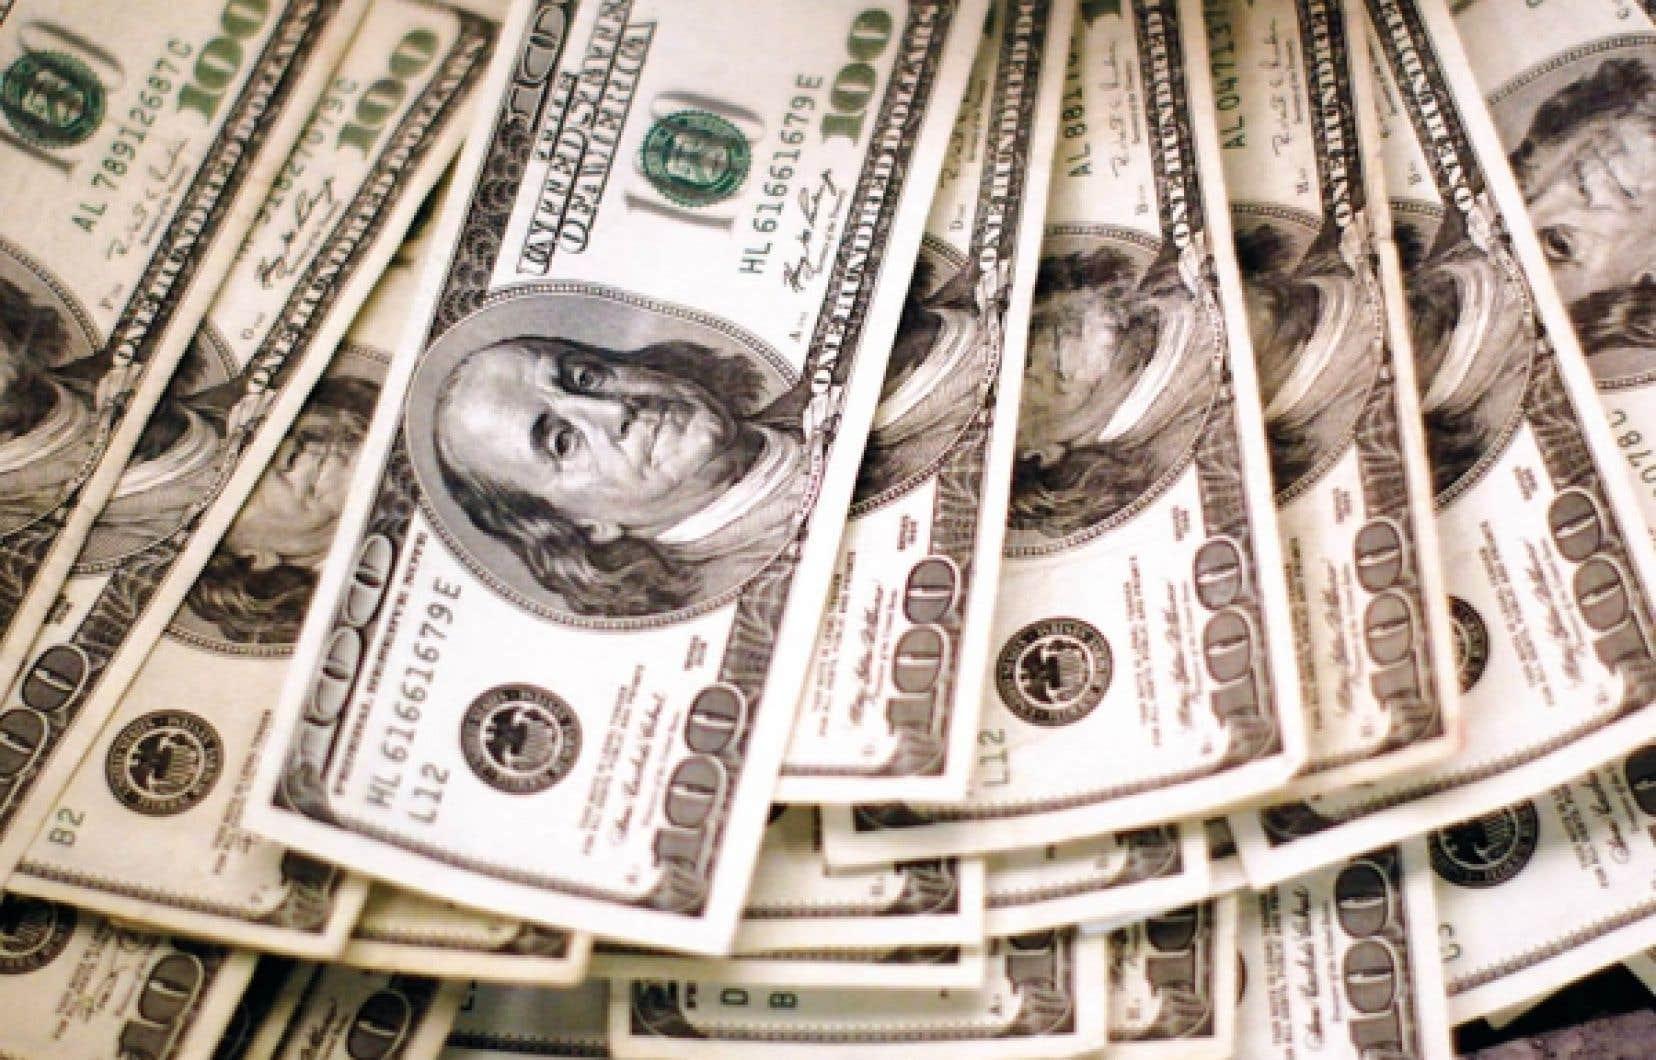 Jusqu'ici, la Fed a acquis pour environ 1700 milliards en obligations, notamment pour compenser le fait de ne plus pouvoir utiliser son taux directeur pour stimuler l'économie et éviter la désinflation.<br />